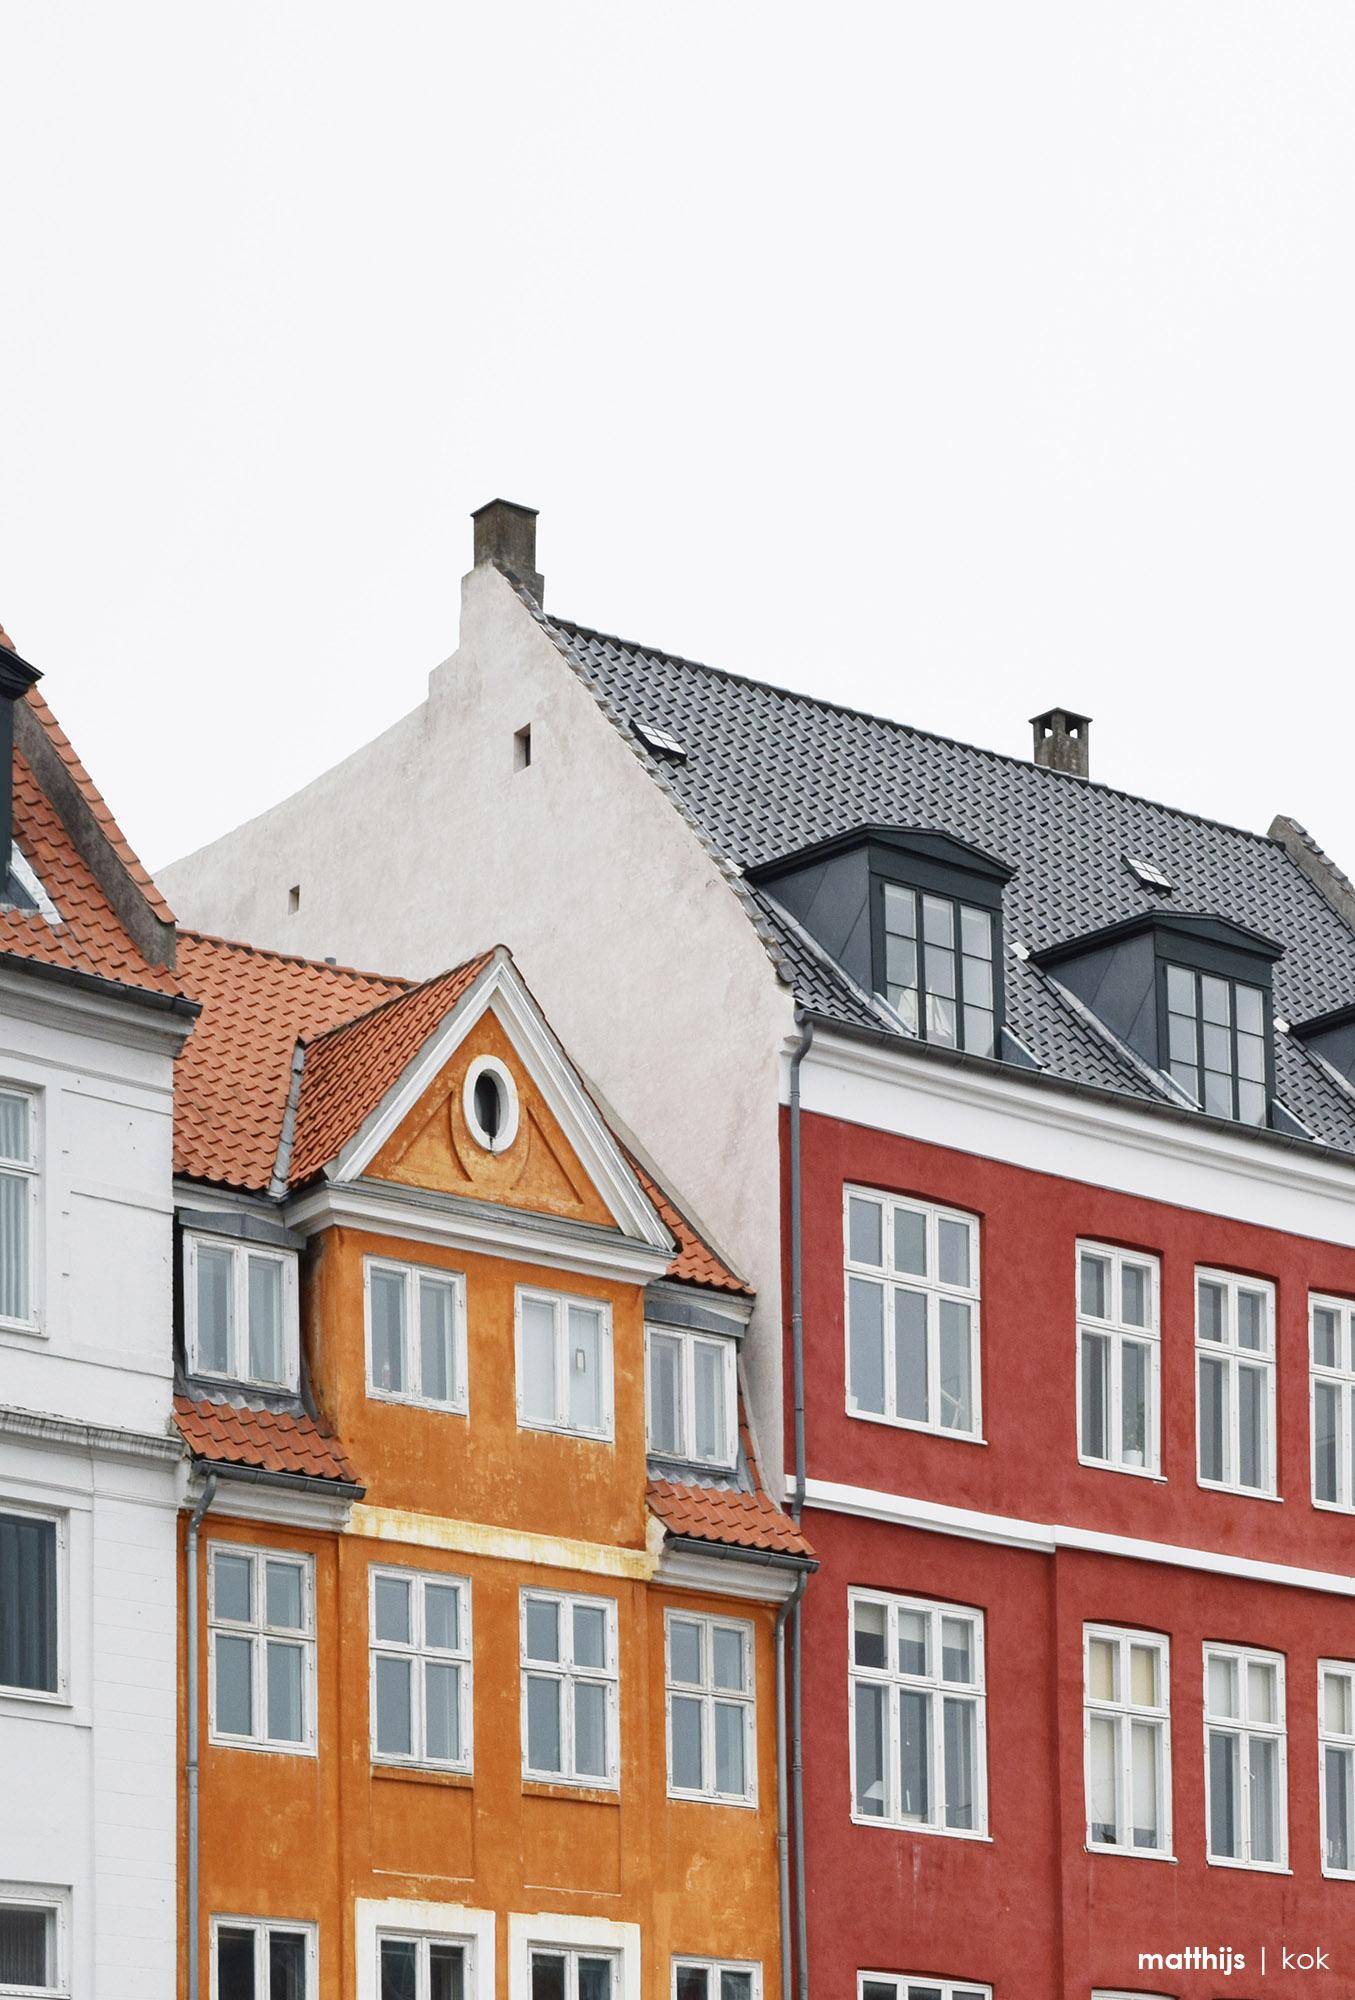 Nyhavn, Copenhagen | Photo by Matthijs Kok